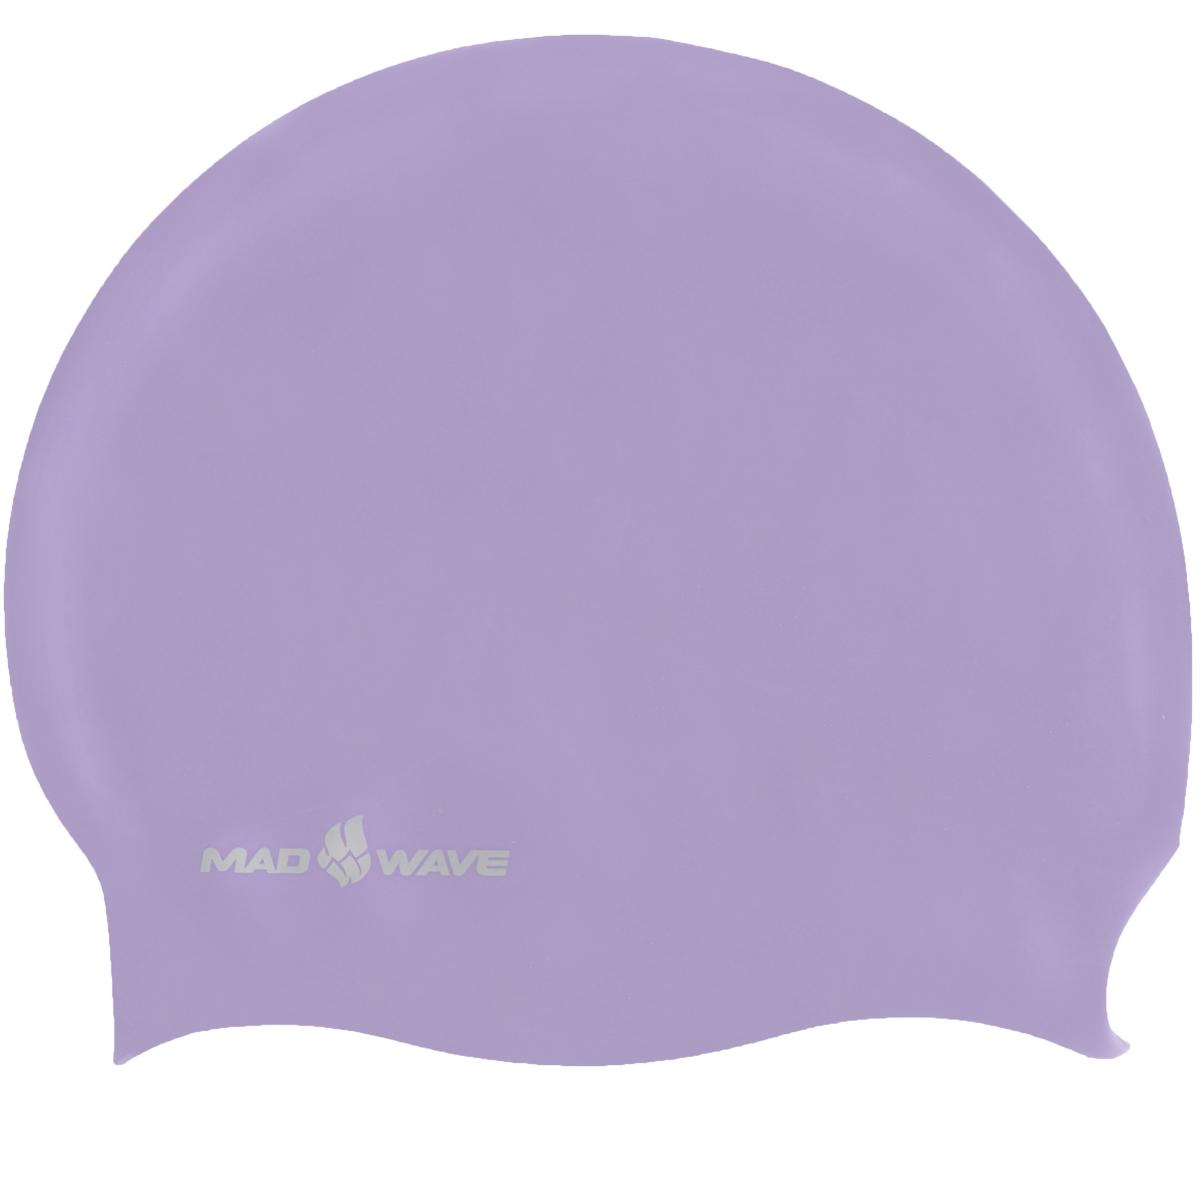 Шапочка для плавания Mad Wave Reverse Champion, цвет: розовый, фиолетовый100105263D двусторонняя шапочка для плавания Mad Wave Reverse Champion изготовлена из мягкого прочного силикона, который обеспечивает идеальную подгонку и комфорт. Материал шапочки не вызывает раздражения, что гарантирует безопасность использования шапочки. Силикон не пропускает воду и приятен на ощупь.